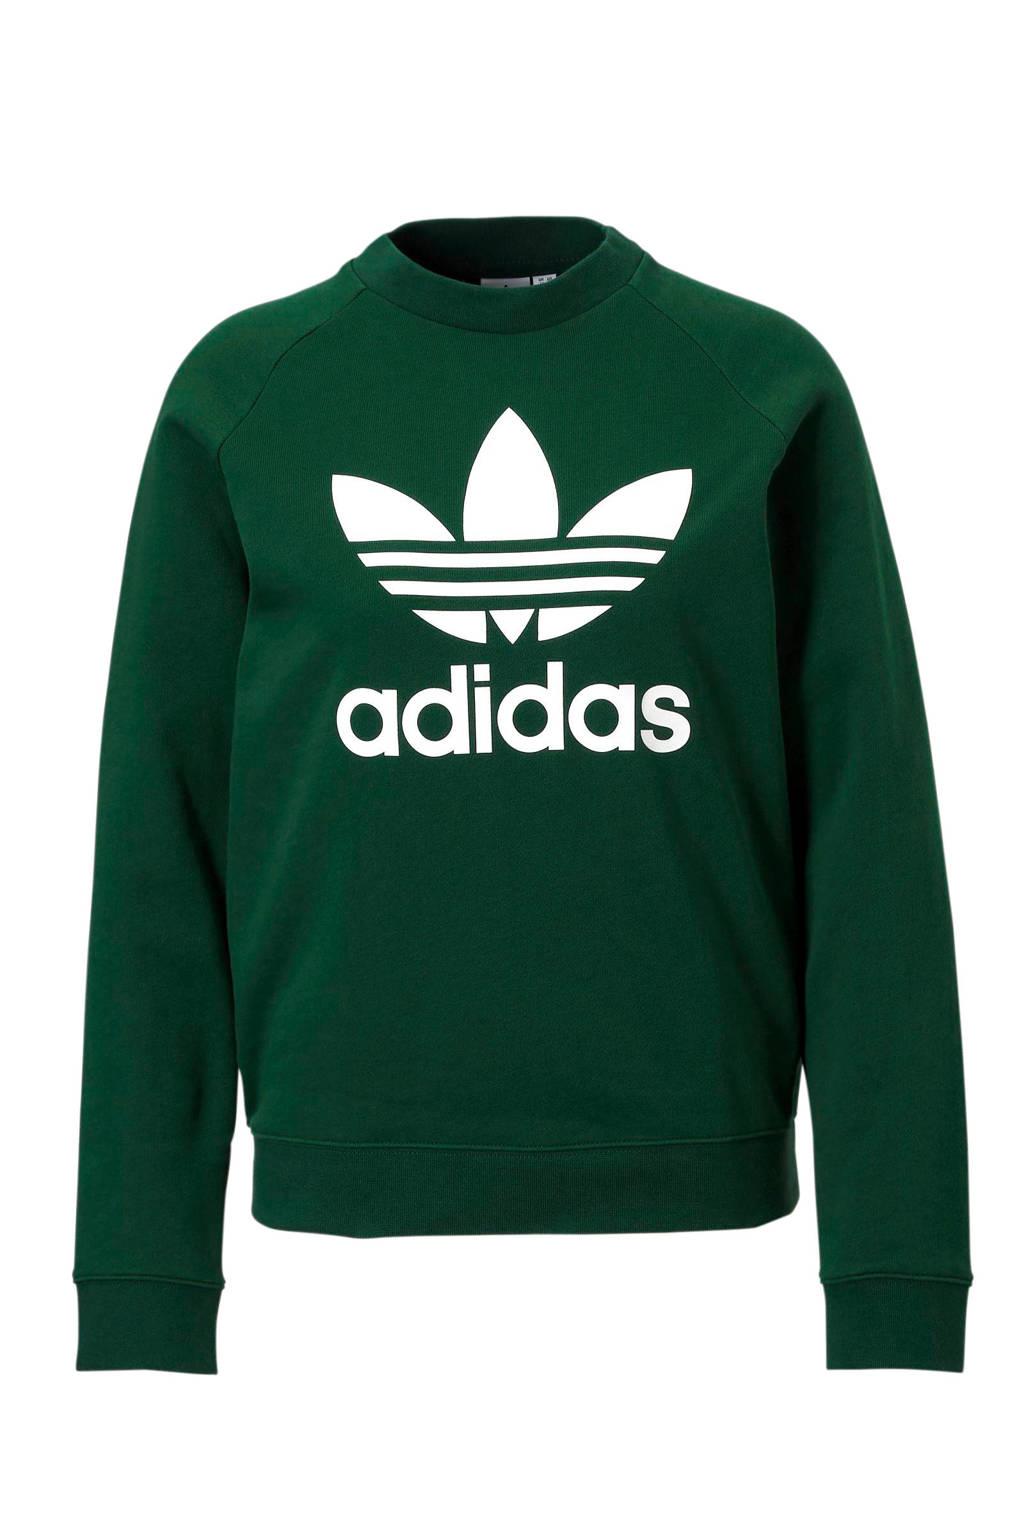 adidas originals sweater groen, Groen/wit